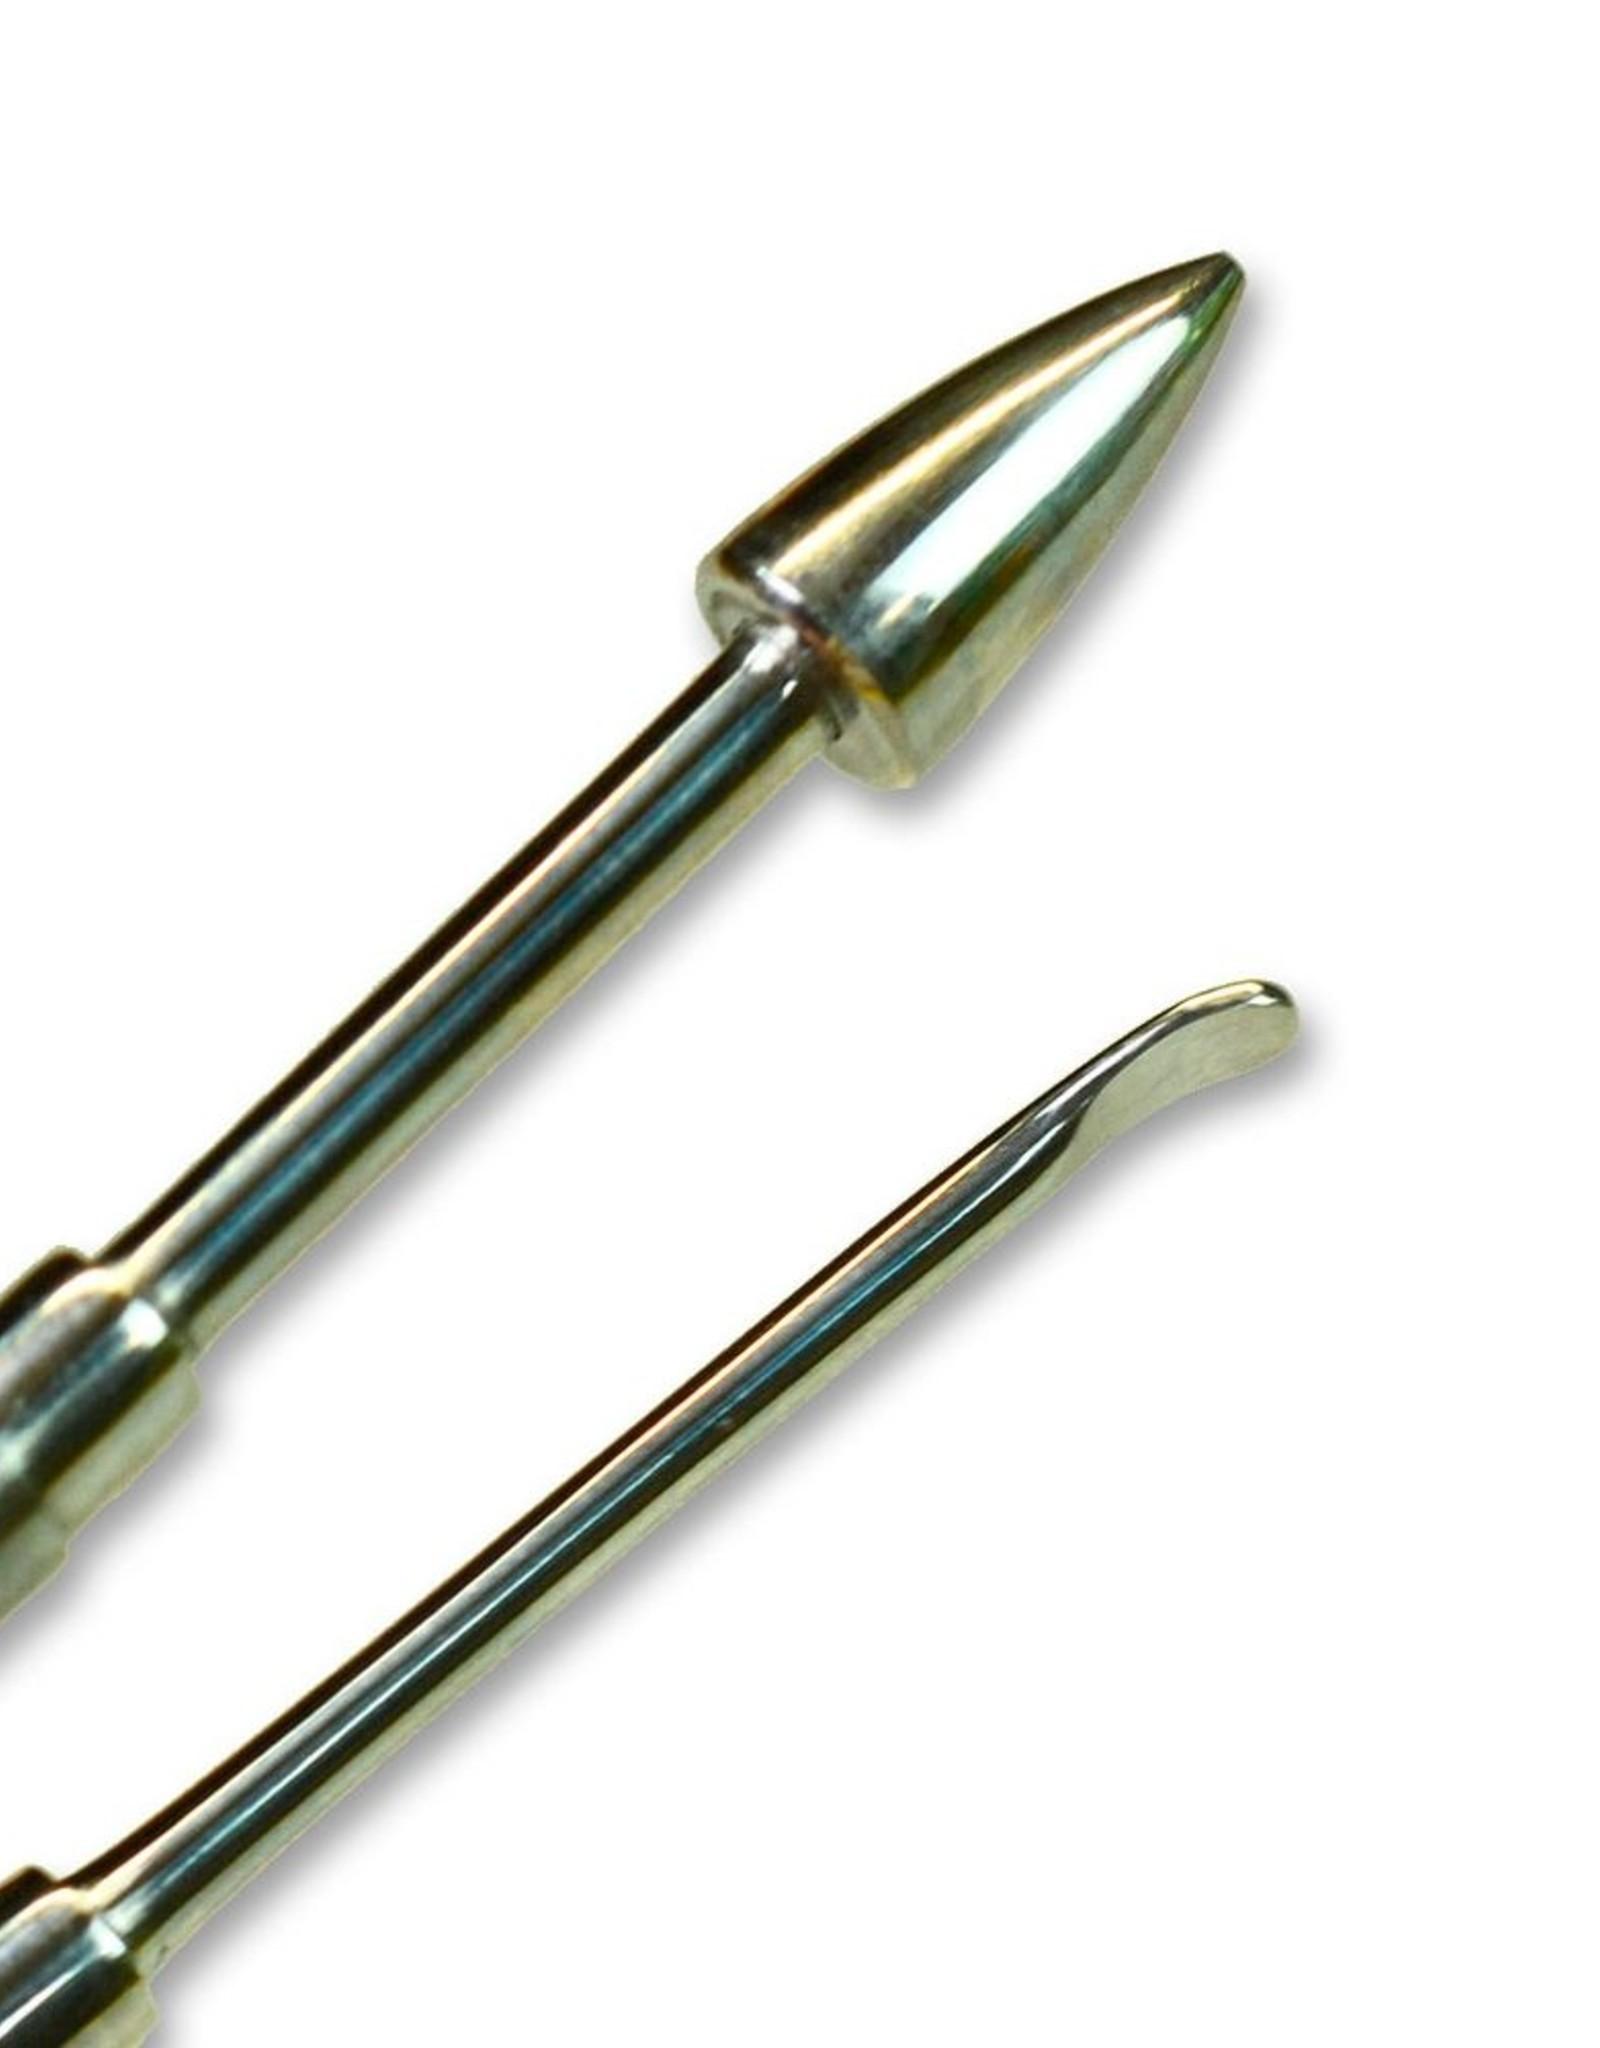 Dekofee Dekofee Stainless Steel Tool #5